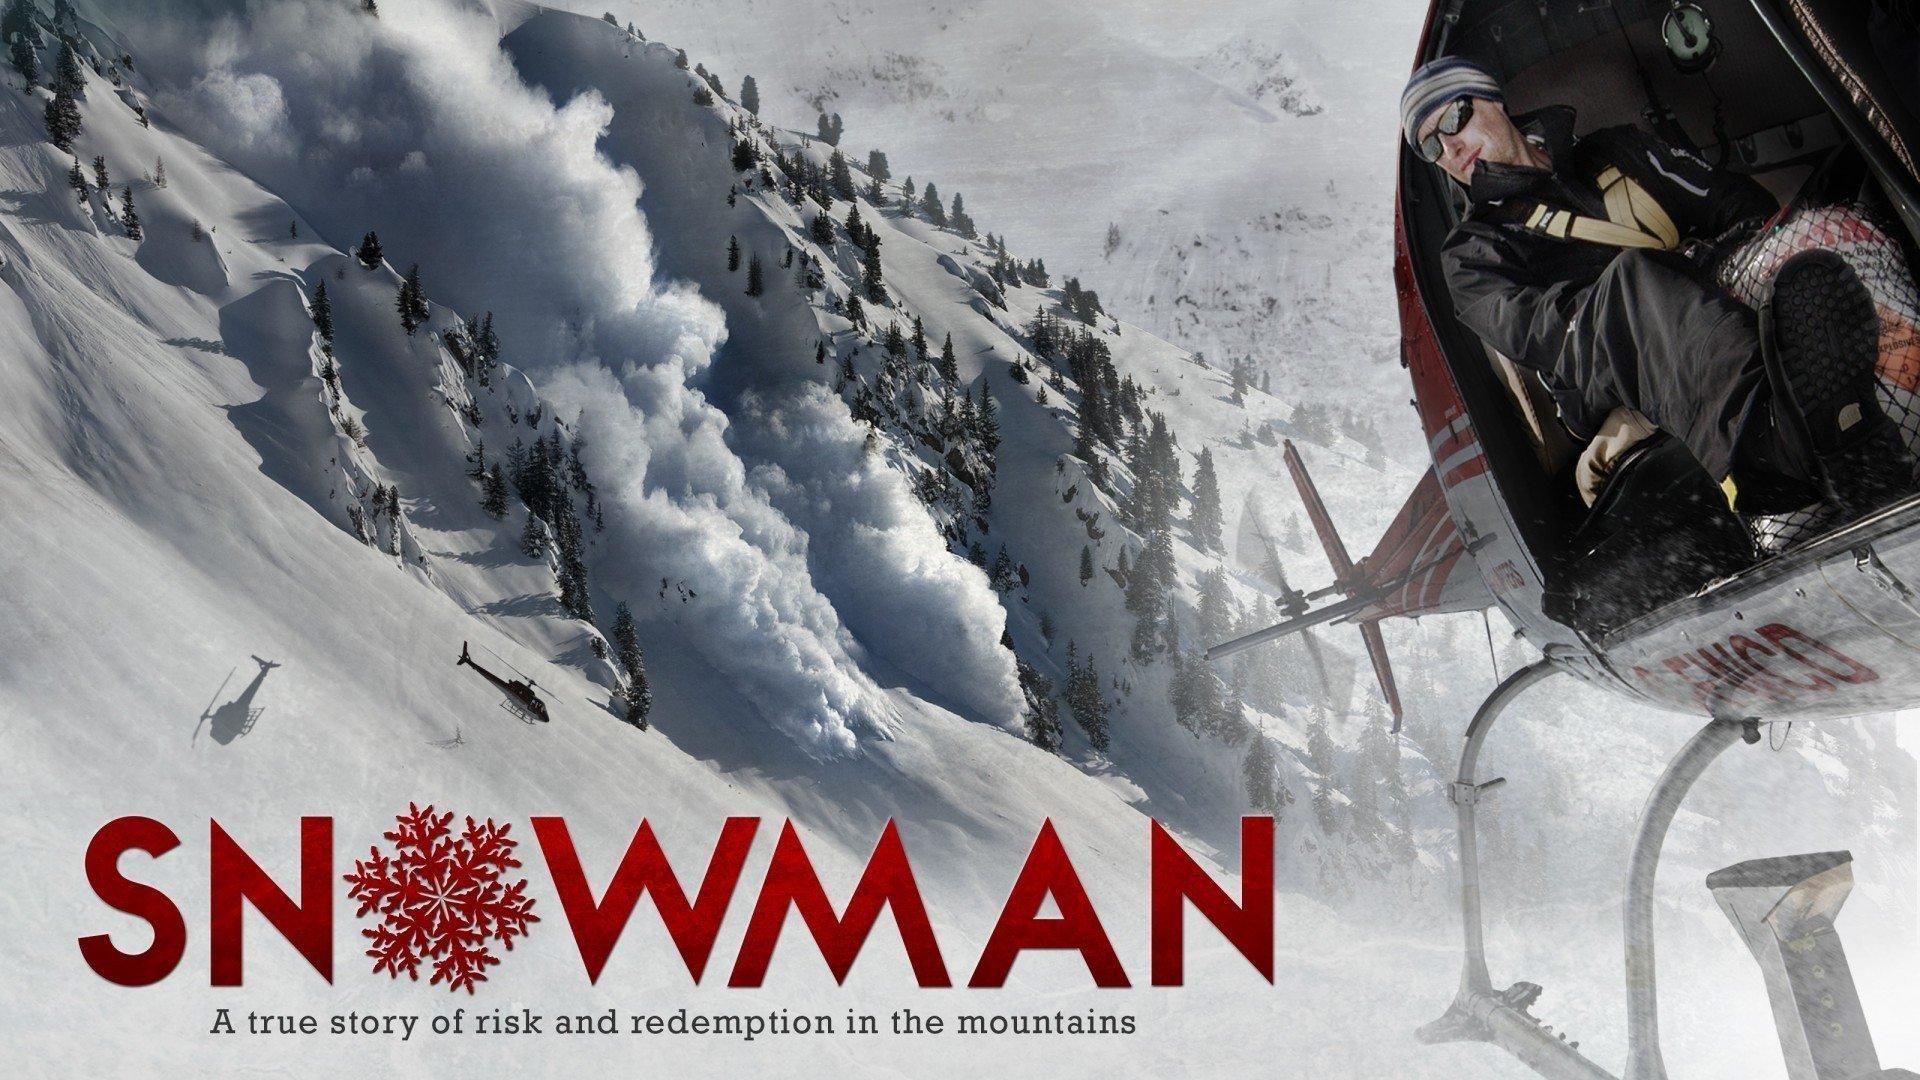 В России стартует показ провальной киноленты «Снеговик»